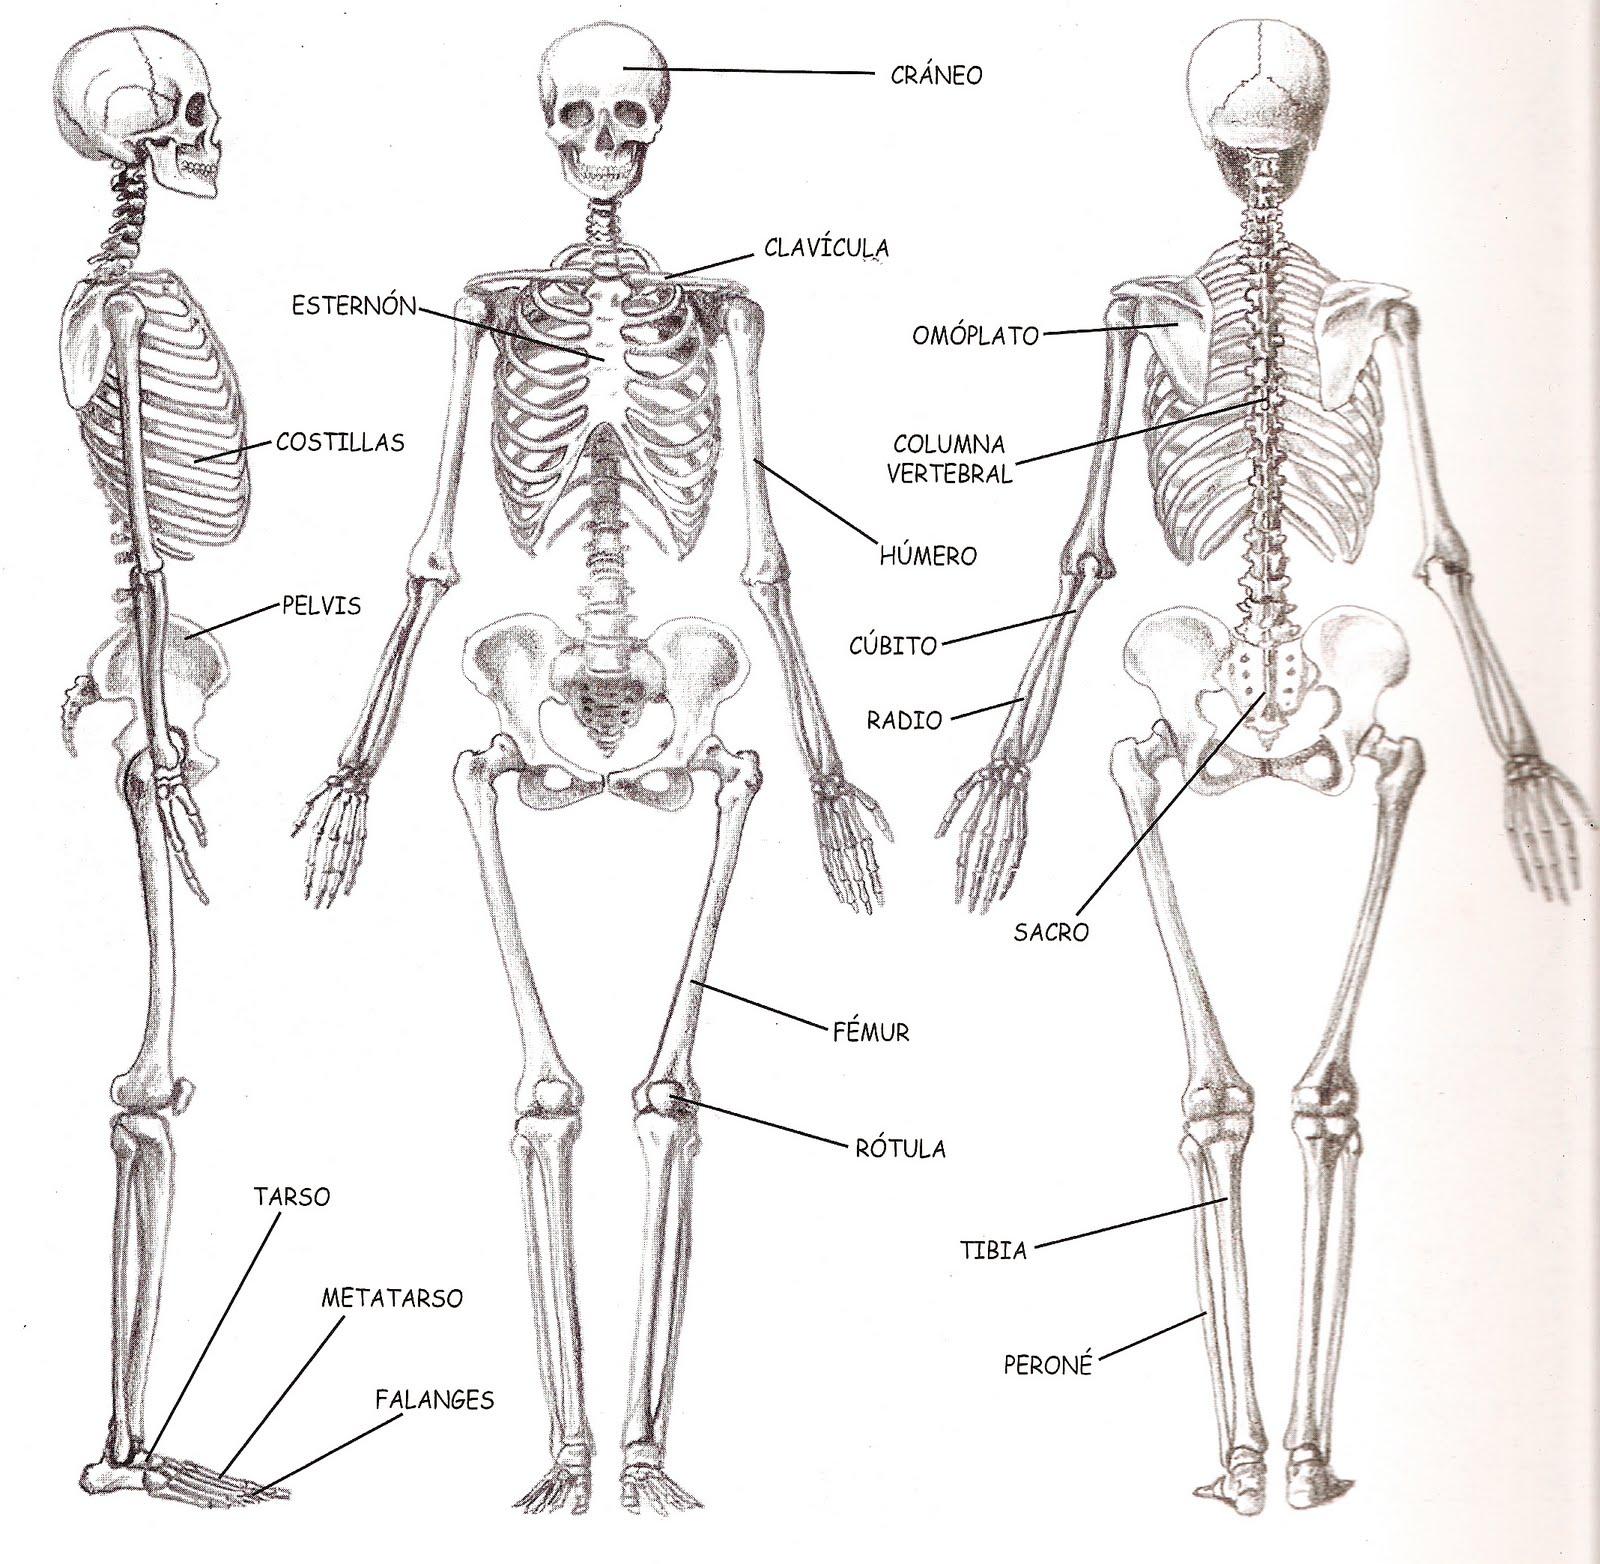 Contemporáneo La Anatomía Humana De Dibujos Animados Composición ...